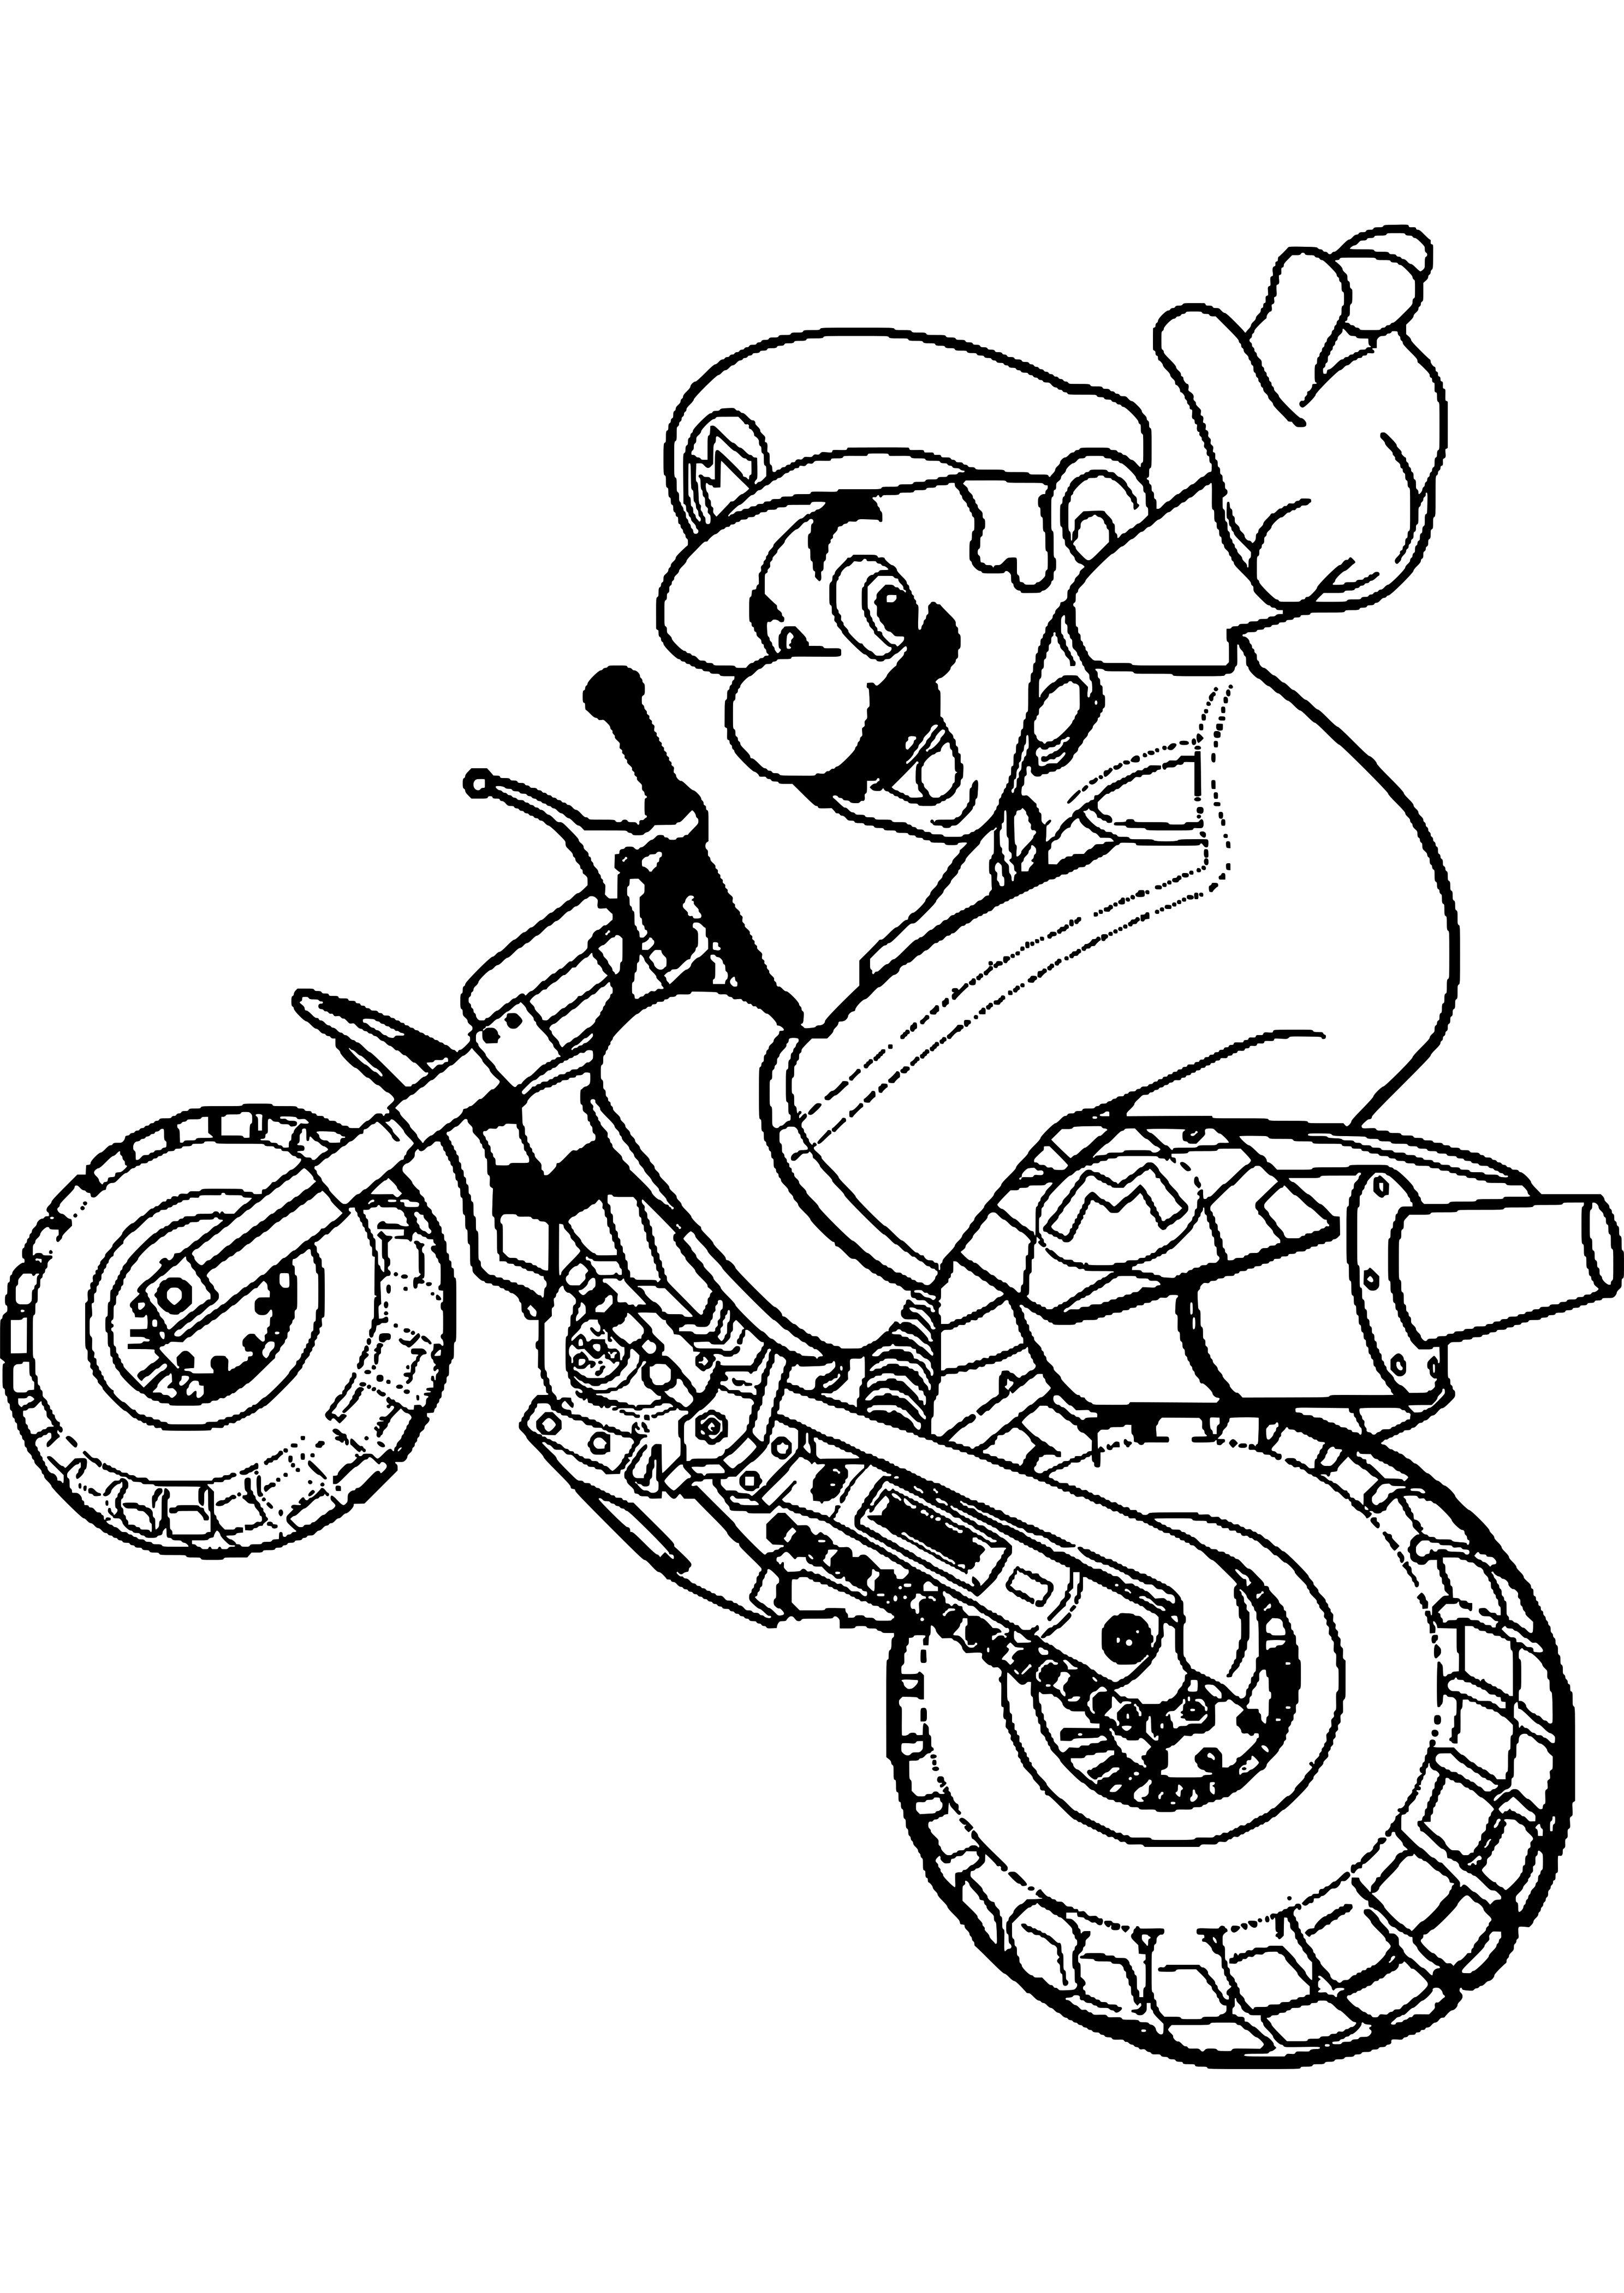 dessin motocross | Libri da colorare, Disegni da colorare ...